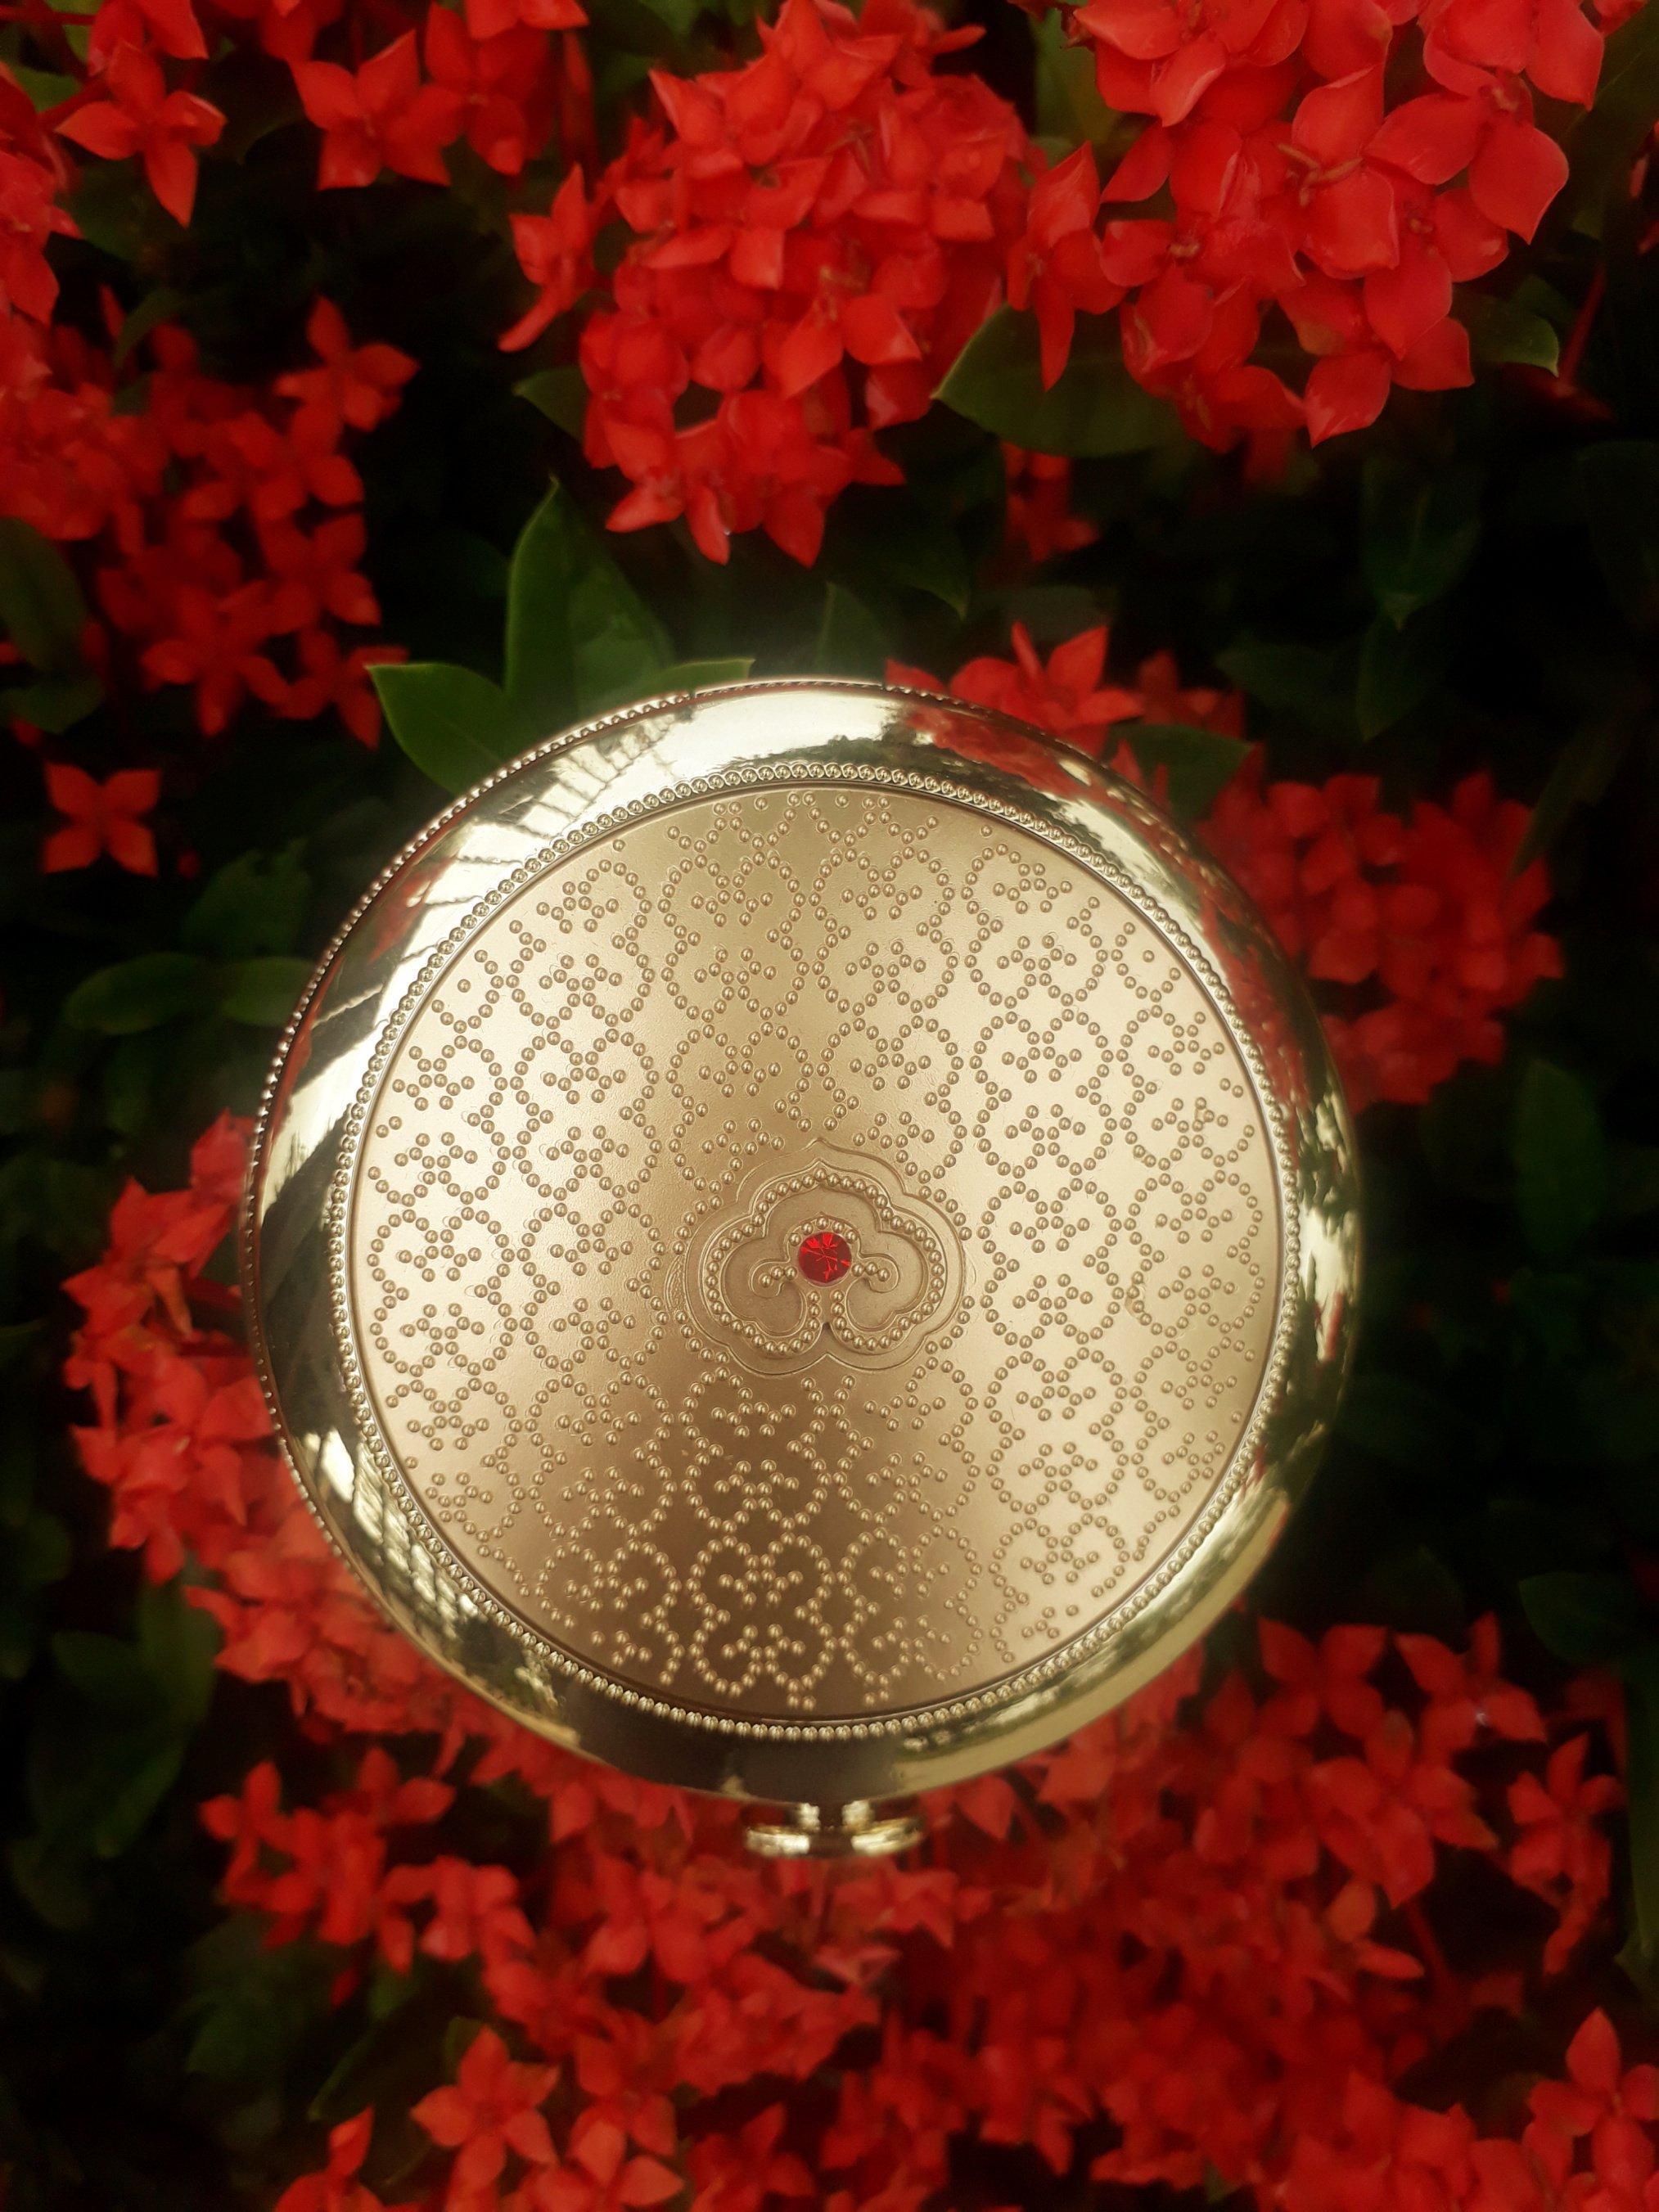 Hộp phấn được đầu tư thiết kế toát lên vẻ ngoài sang trọng, tinh tế, đẳng cấp (ảnh: BlogAnChoi).